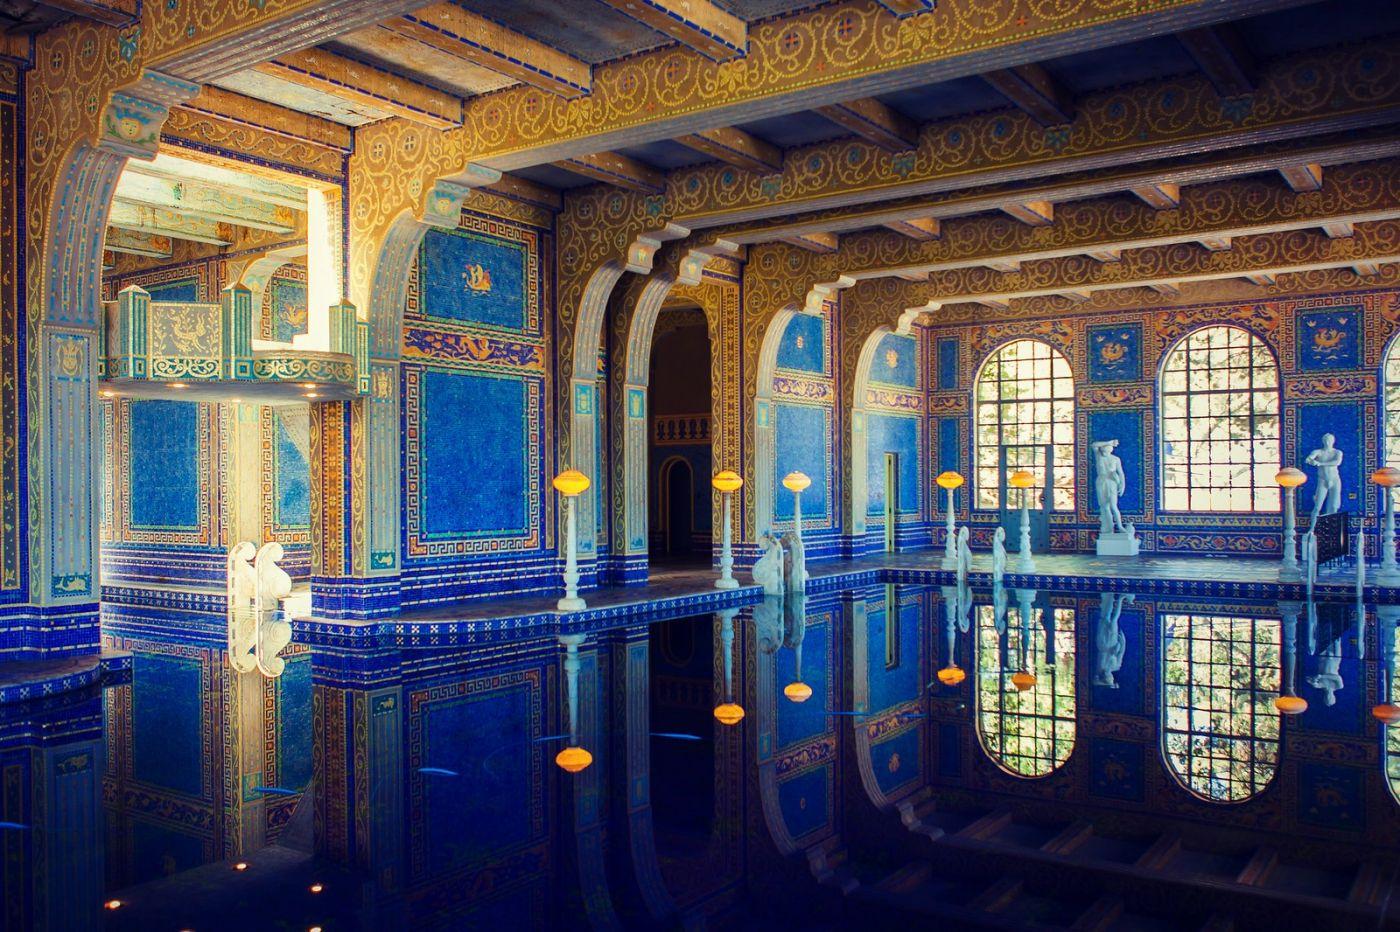 加州赫斯特城堡,主人的游泳池很开眼_图1-11